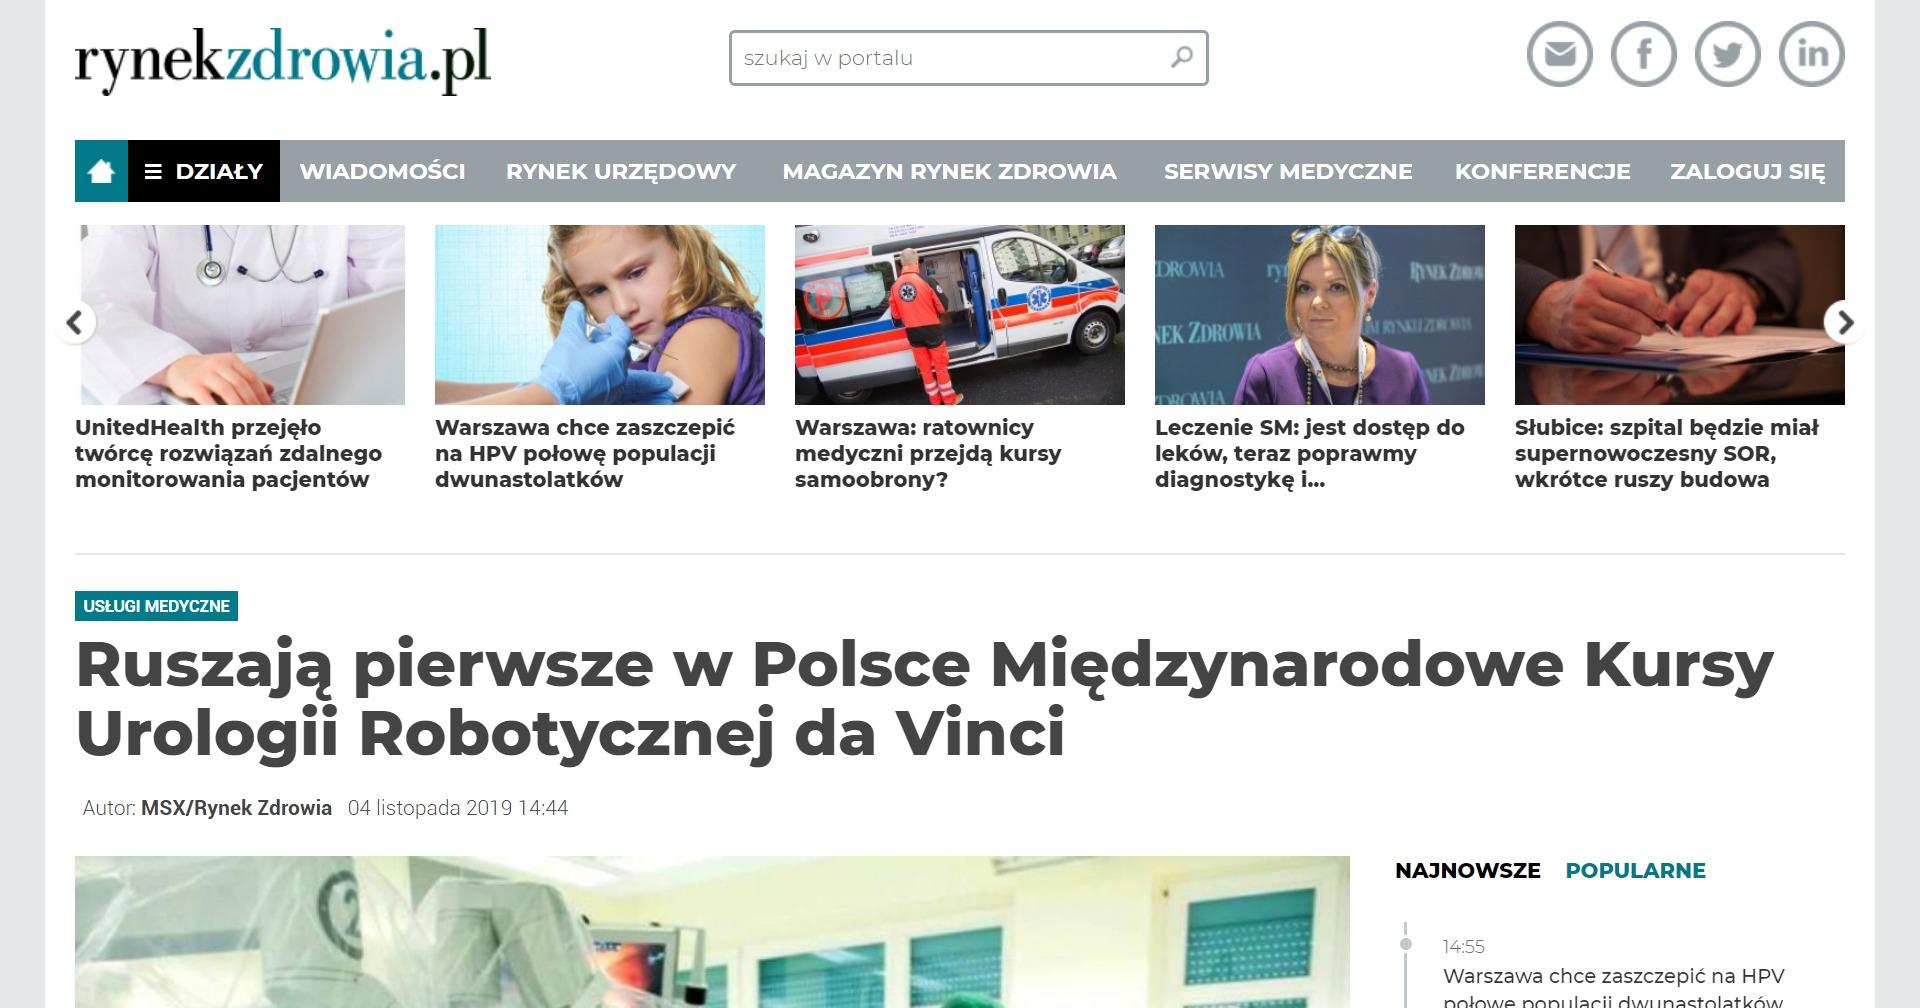 Ruszają pierwsze w Polsce Międzynarodowe Kursy Urologii Robotycznej da Vinci